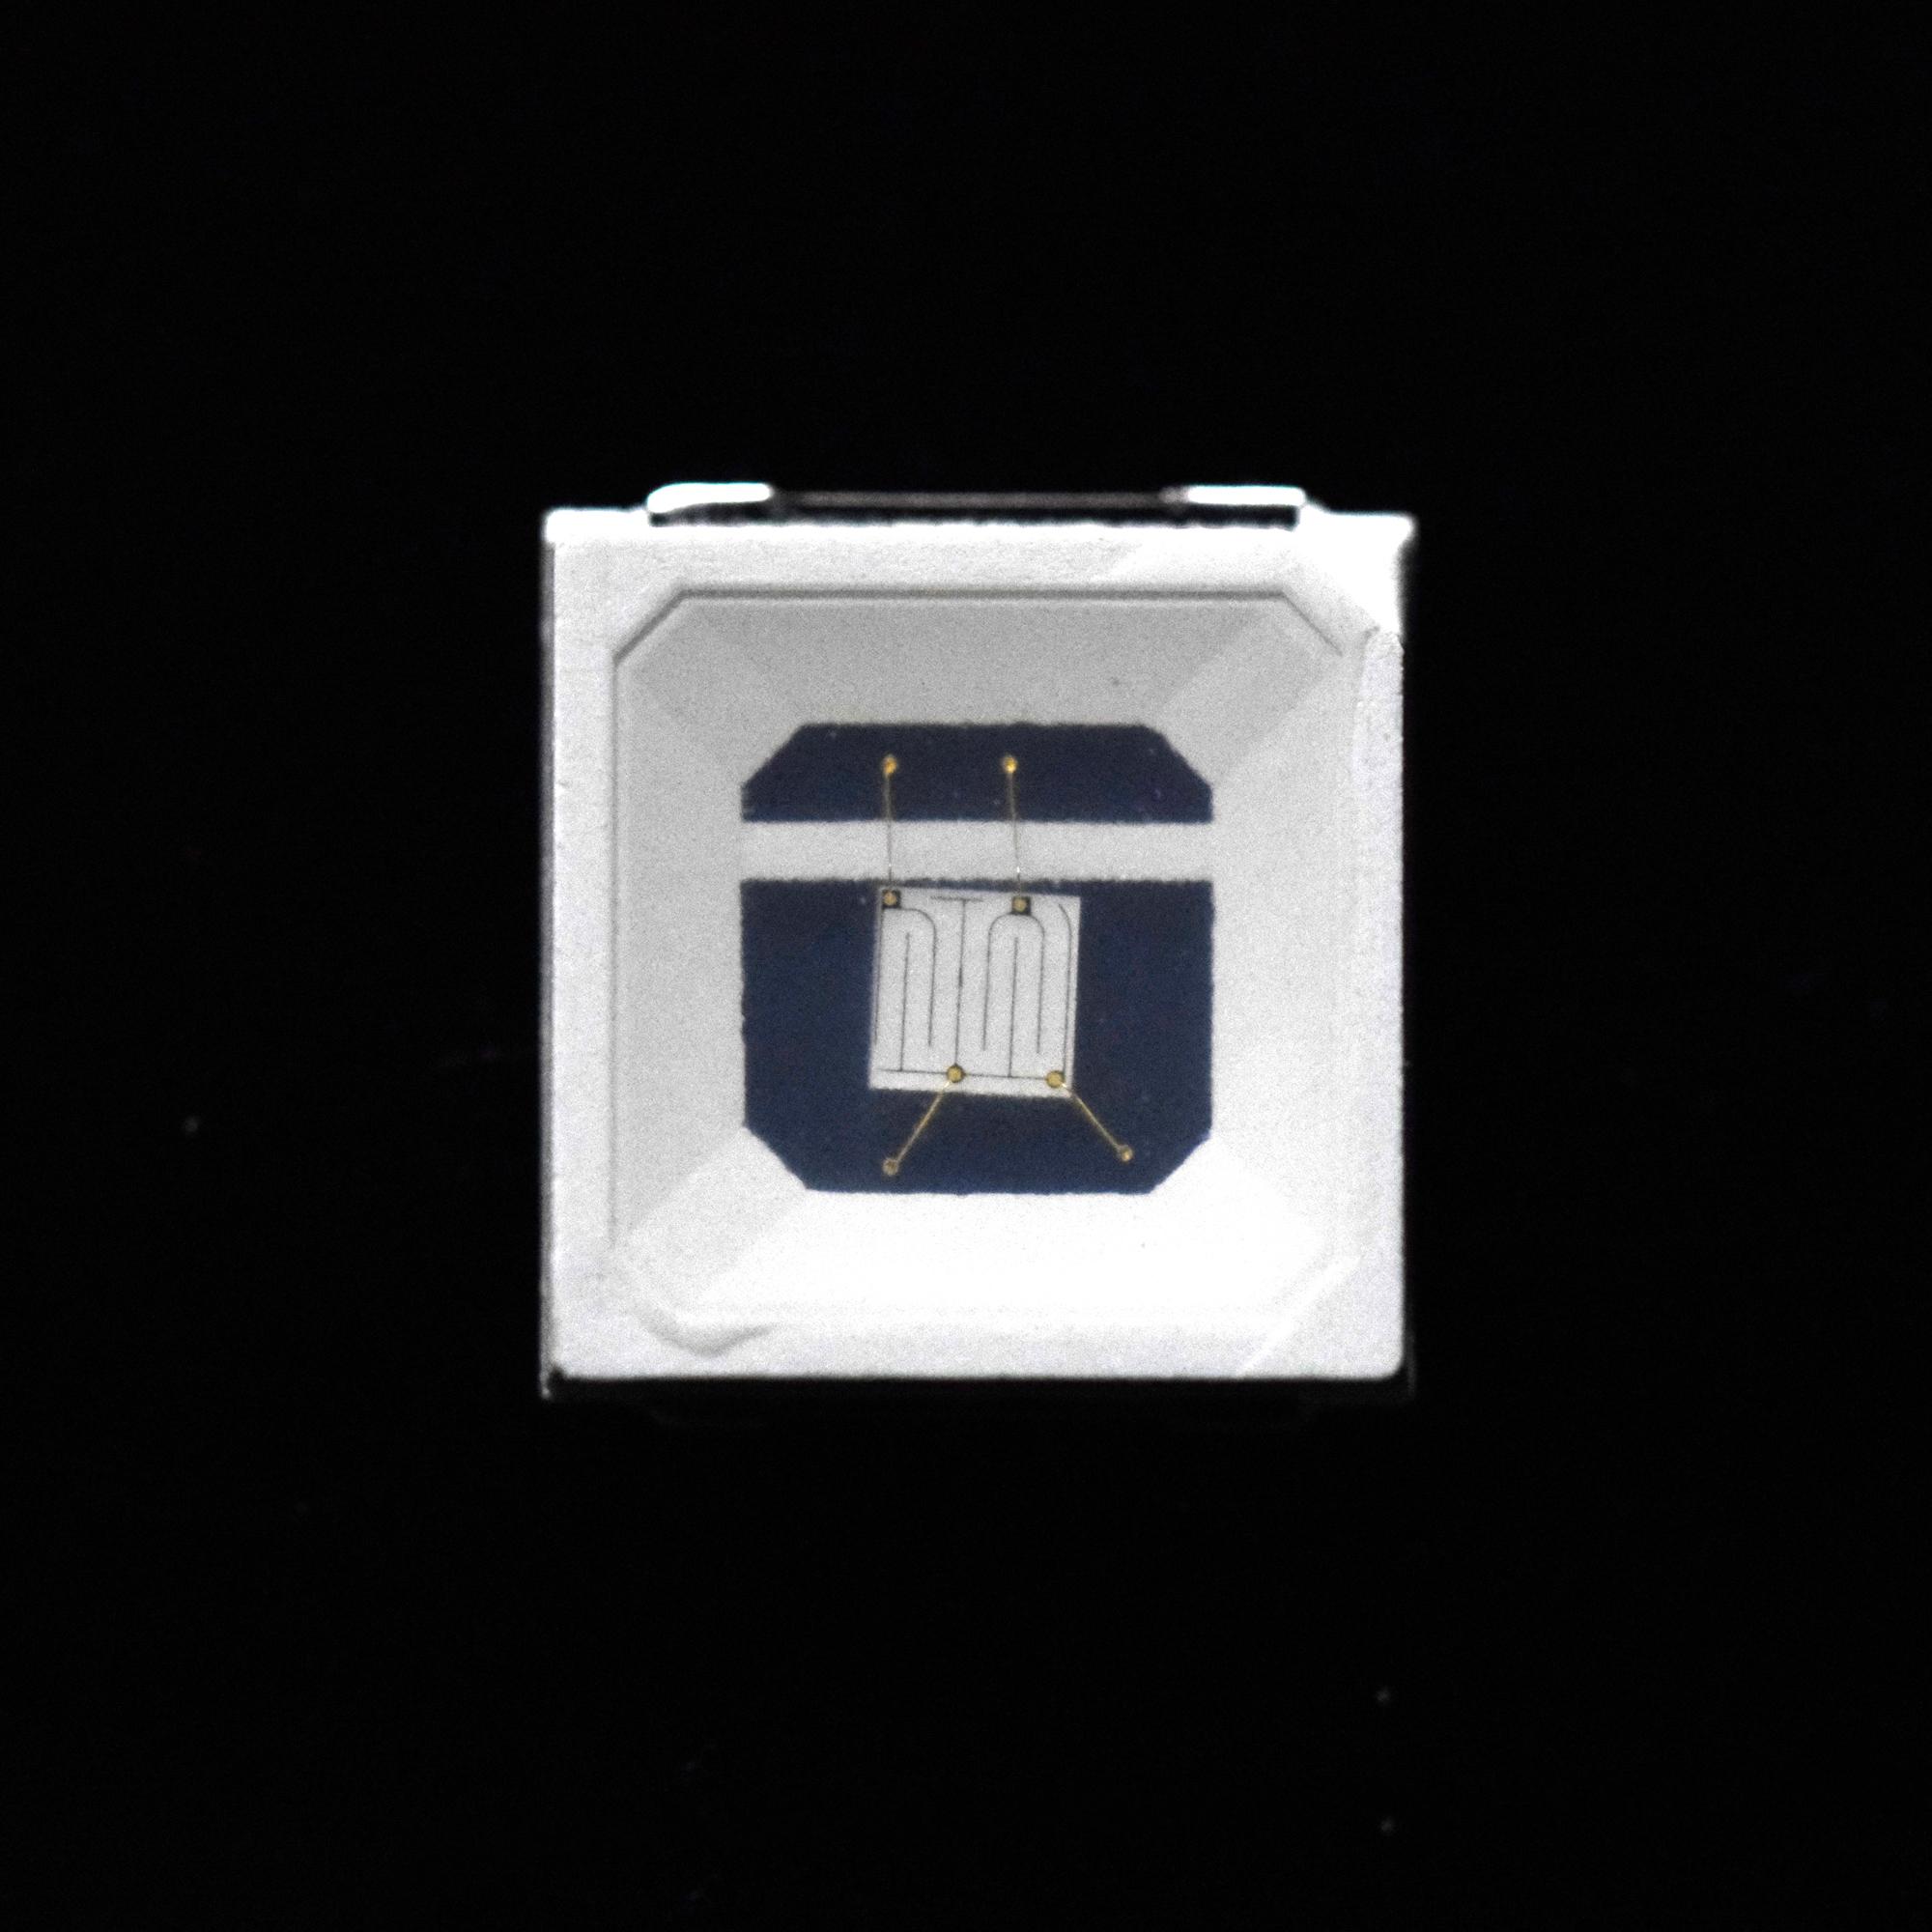 365nm LED - 5050 SMD LED